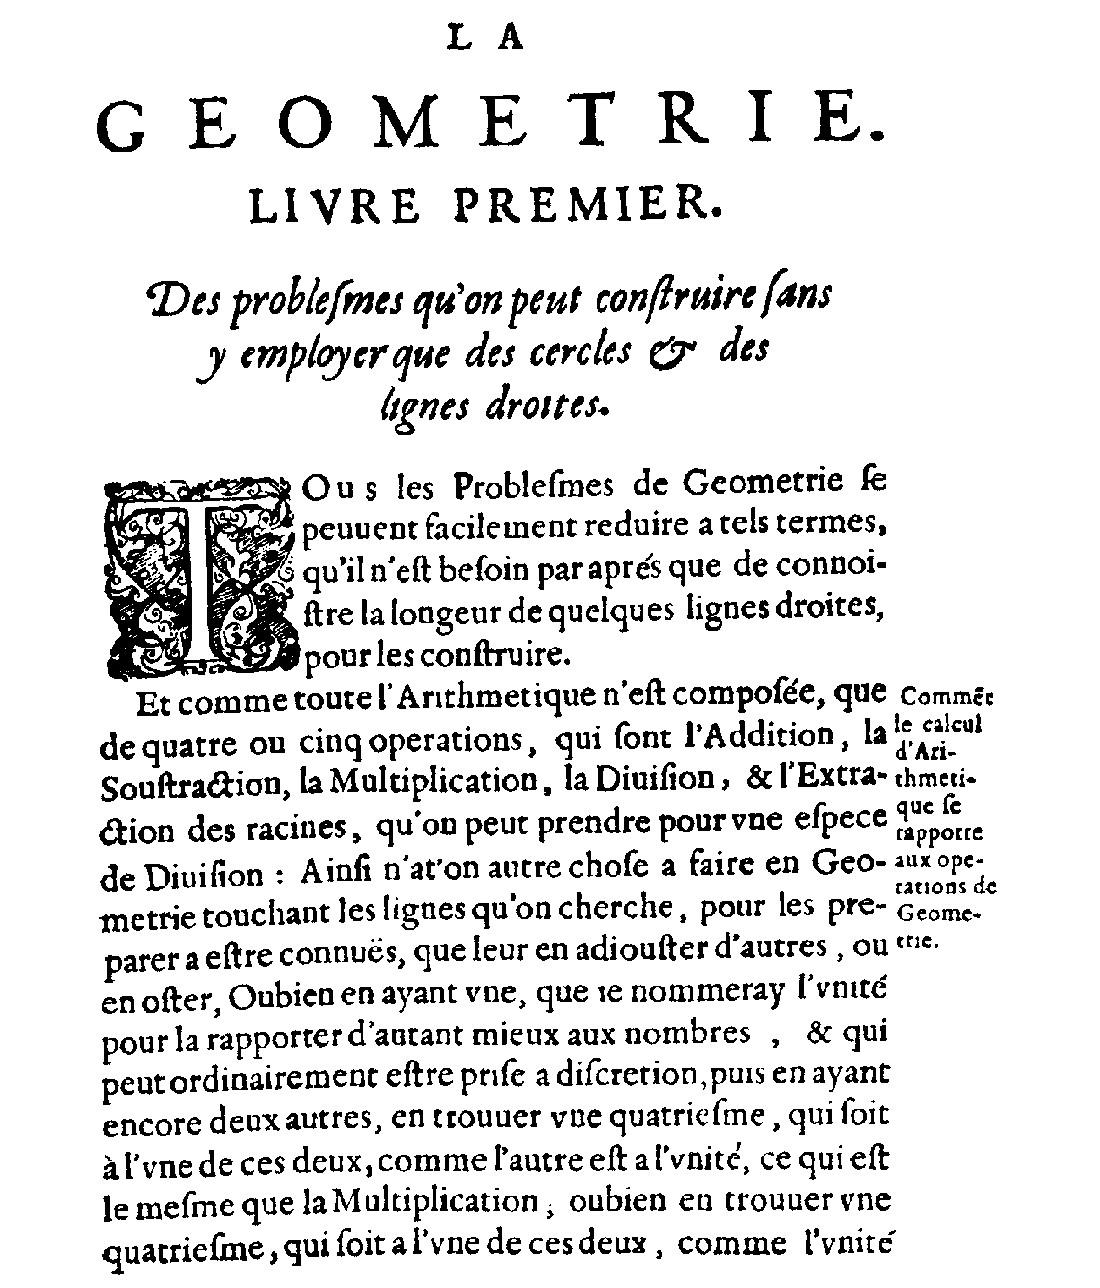 Salah satu halaman La Géométrie karya Descartes. Sumber gambar: wikimedia.org